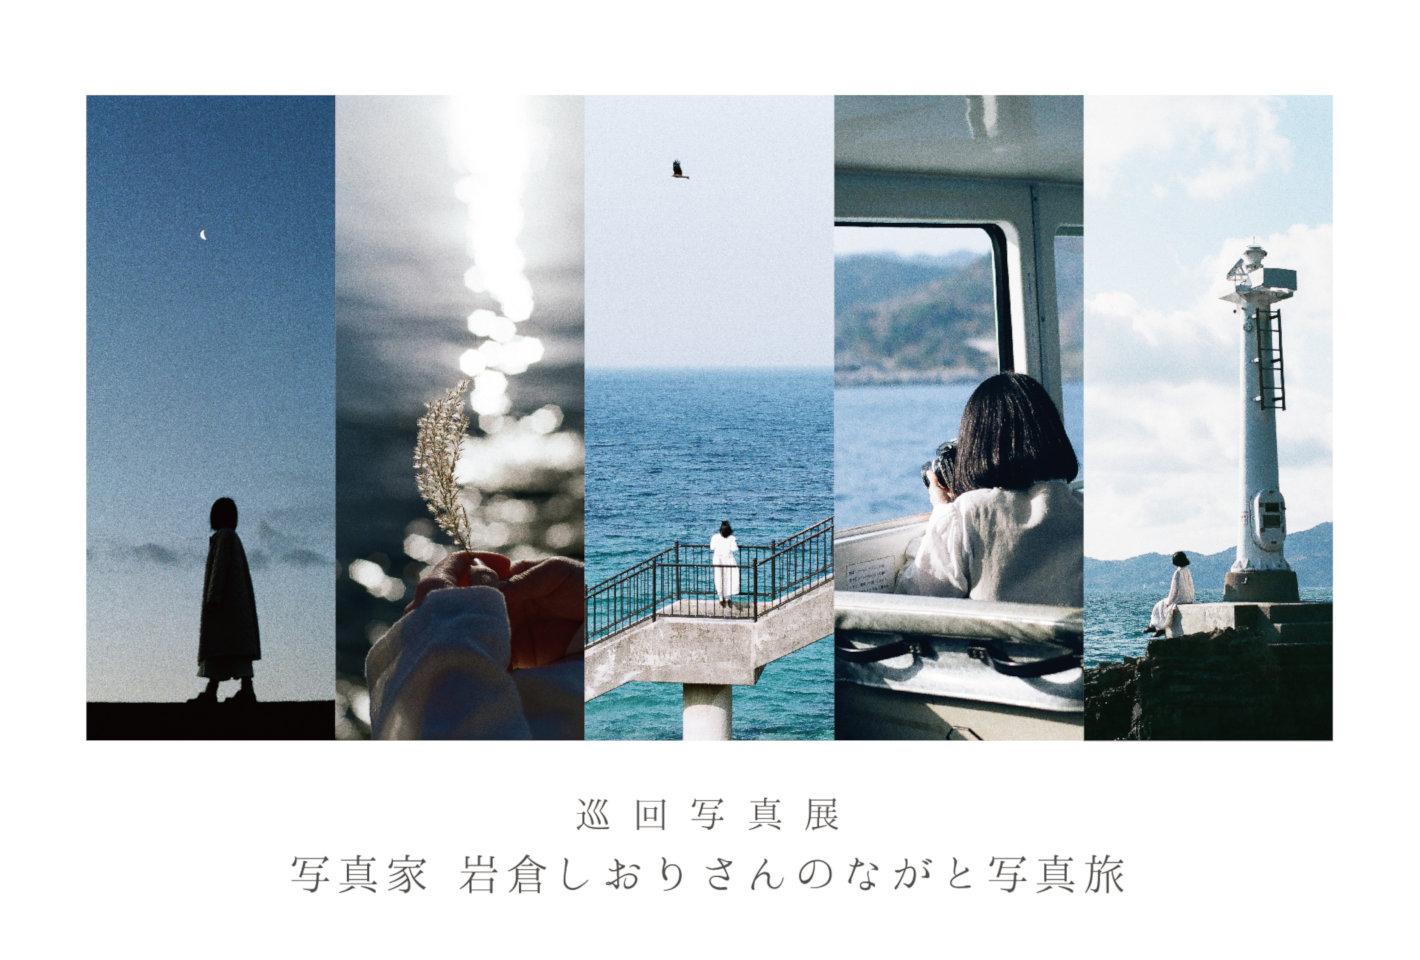 巡回写真展「写真家 岩倉しおりさんのながと写真旅」